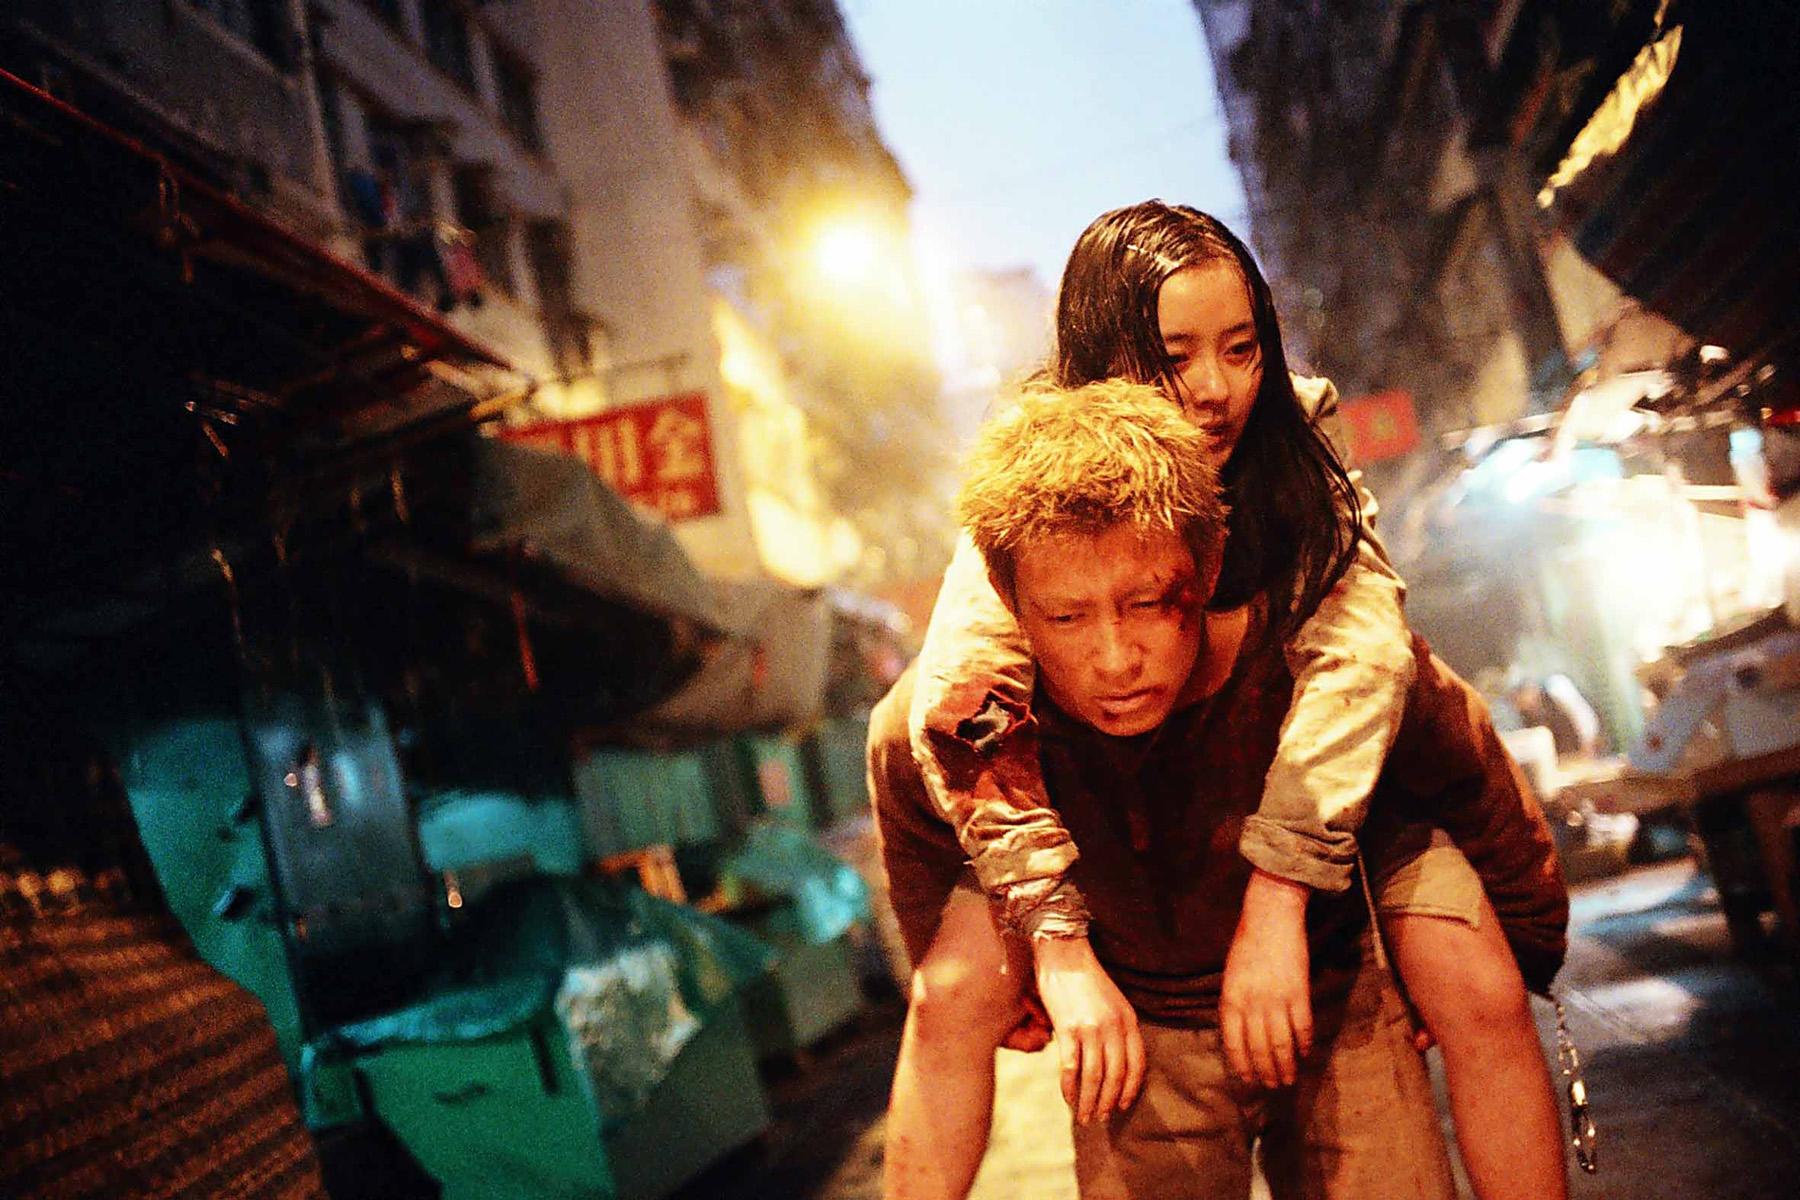 #经典看电影#陈冠希演技巅峰之作, 一个智障少女和杀手亡命天涯的故事